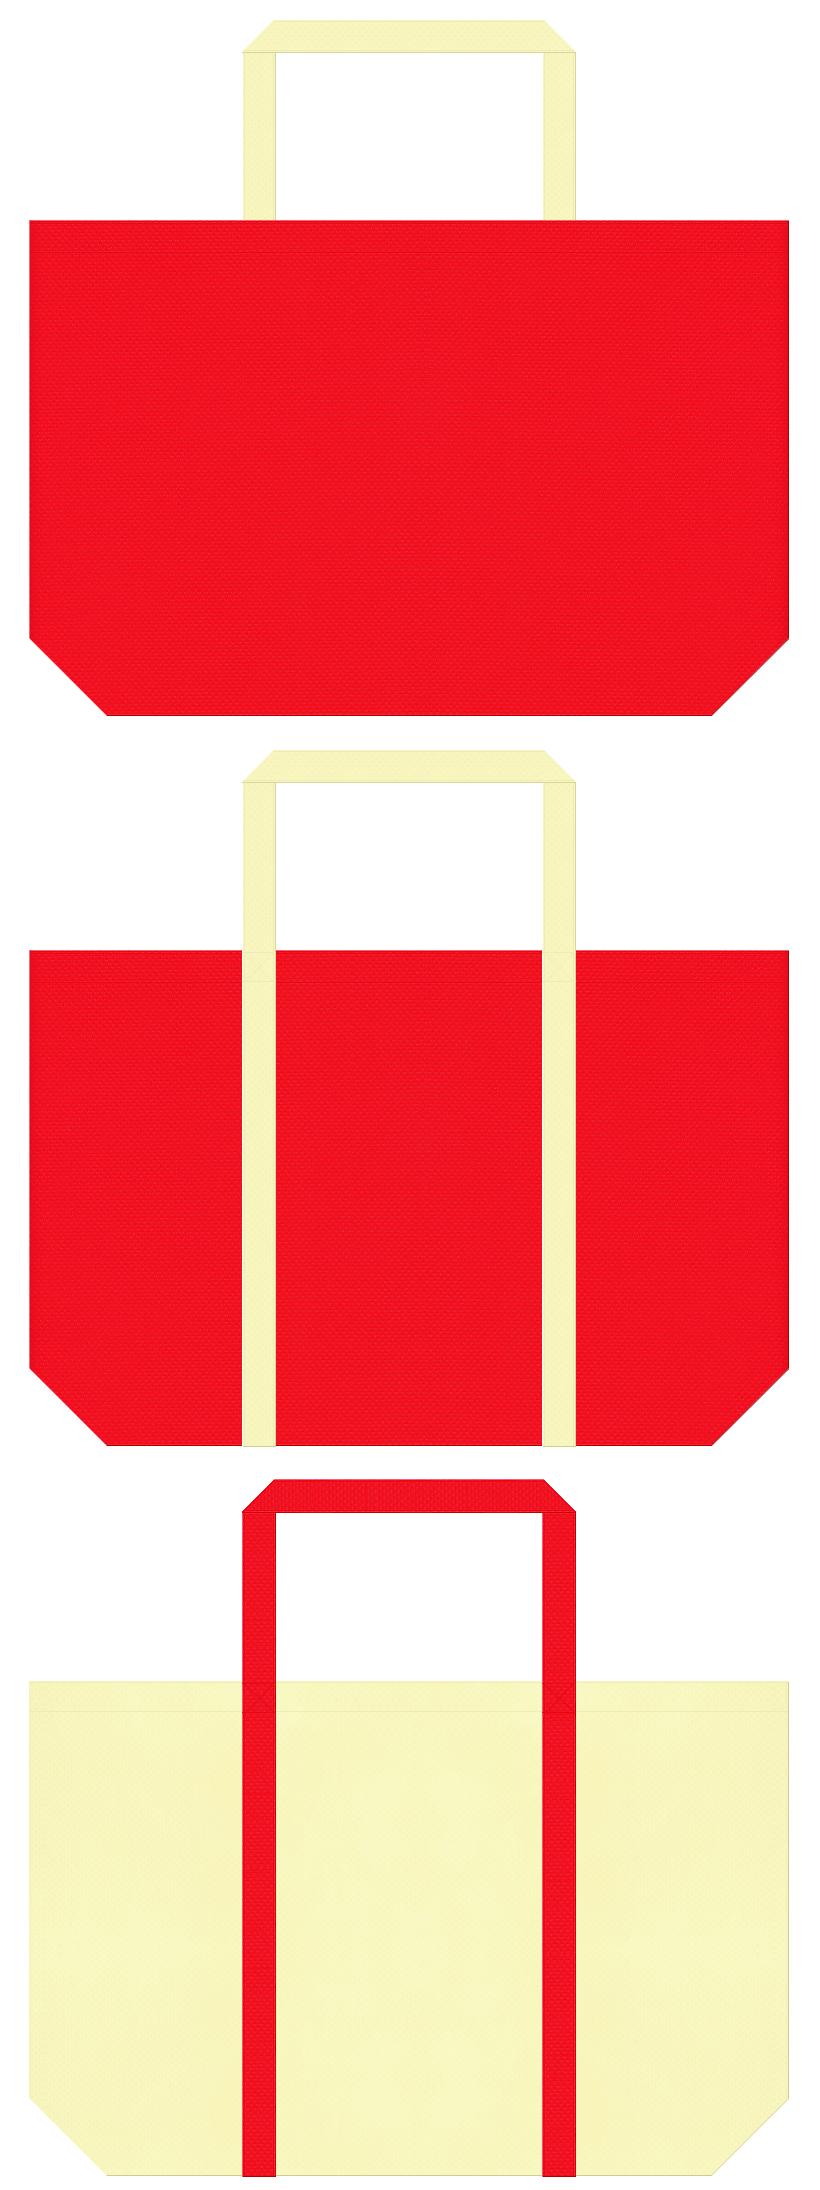 赤色と黄色の不織布バッグデザイン。節分商品・ひなまつり商品のショッピングバッグにお奨めです。